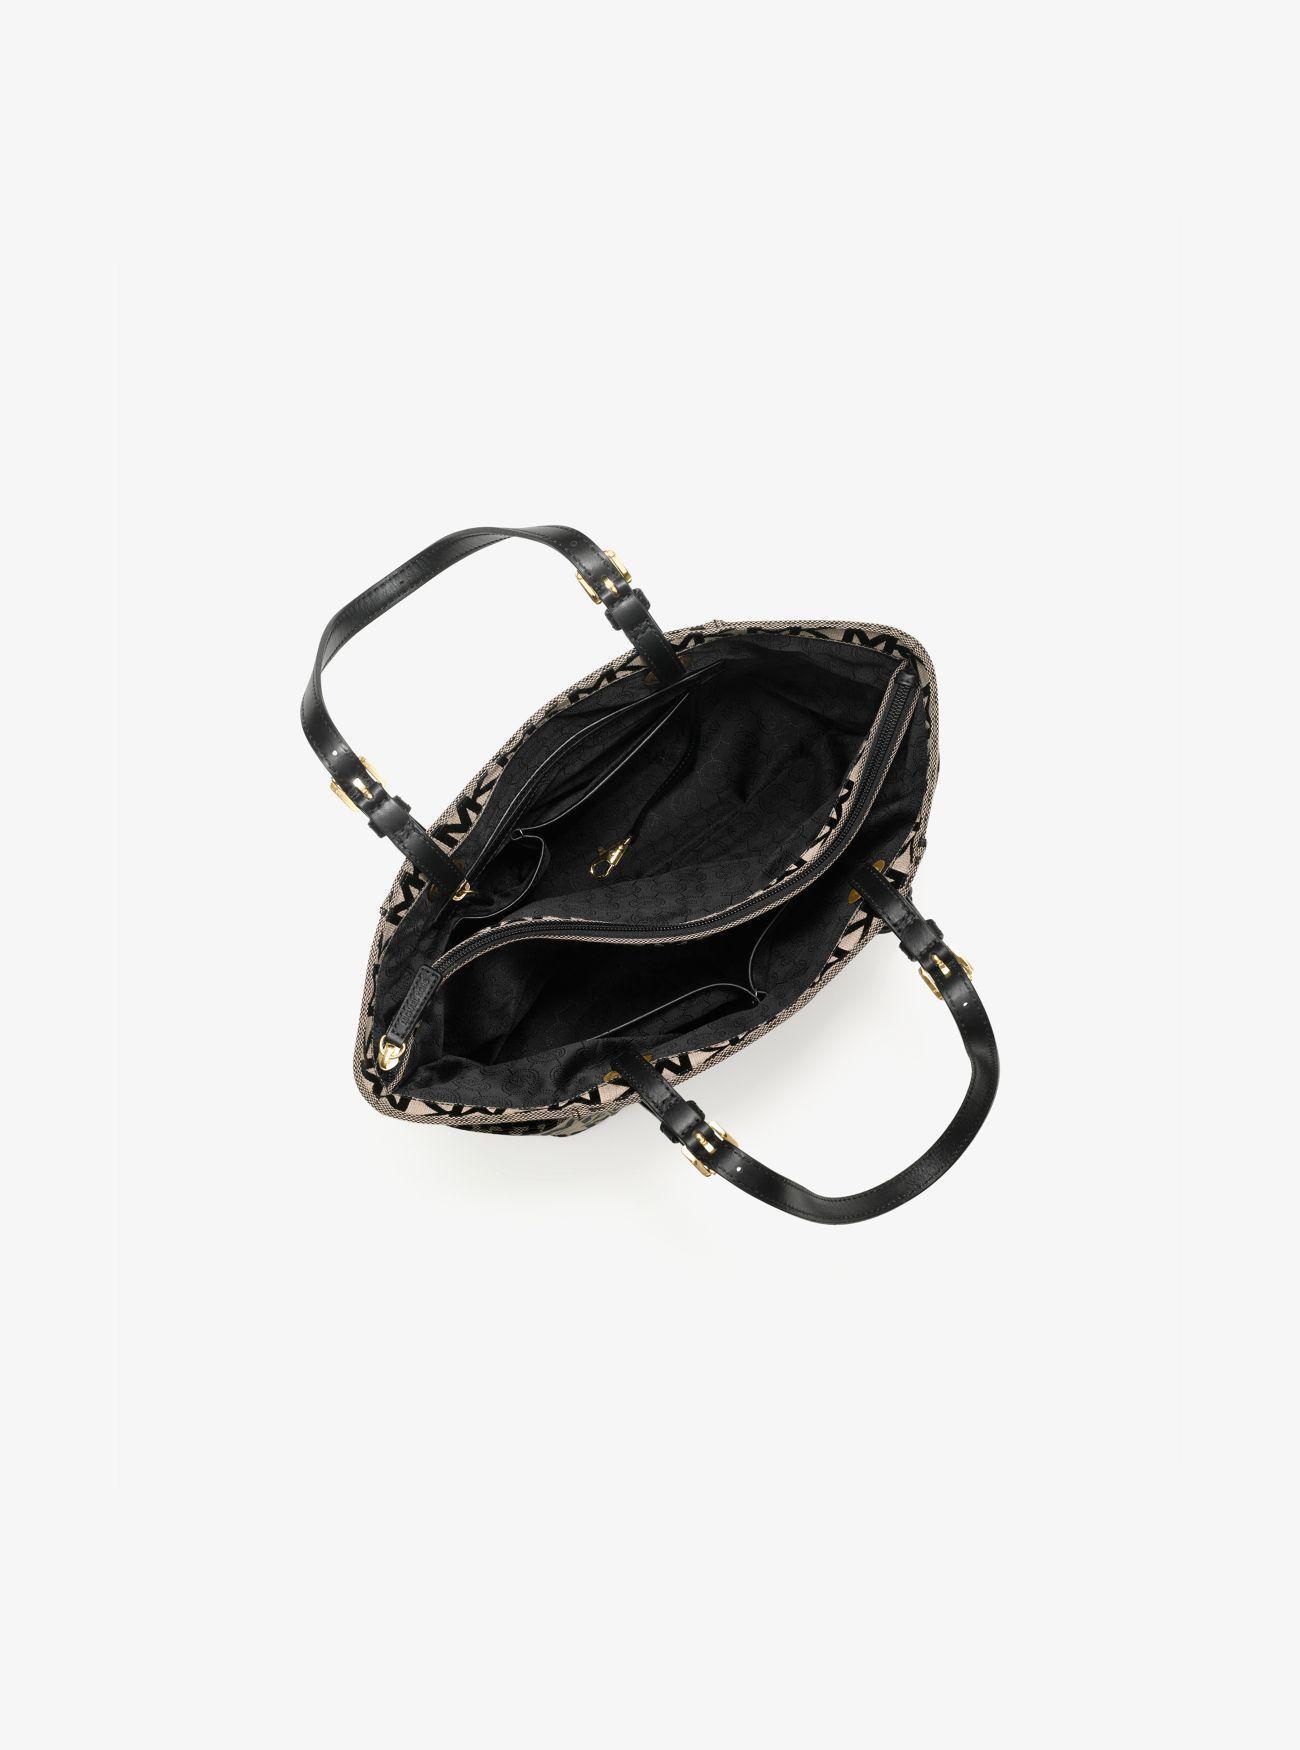 Michael Kors Leather Jet Set Logo Tote in Beige/Black/Black (Natural)